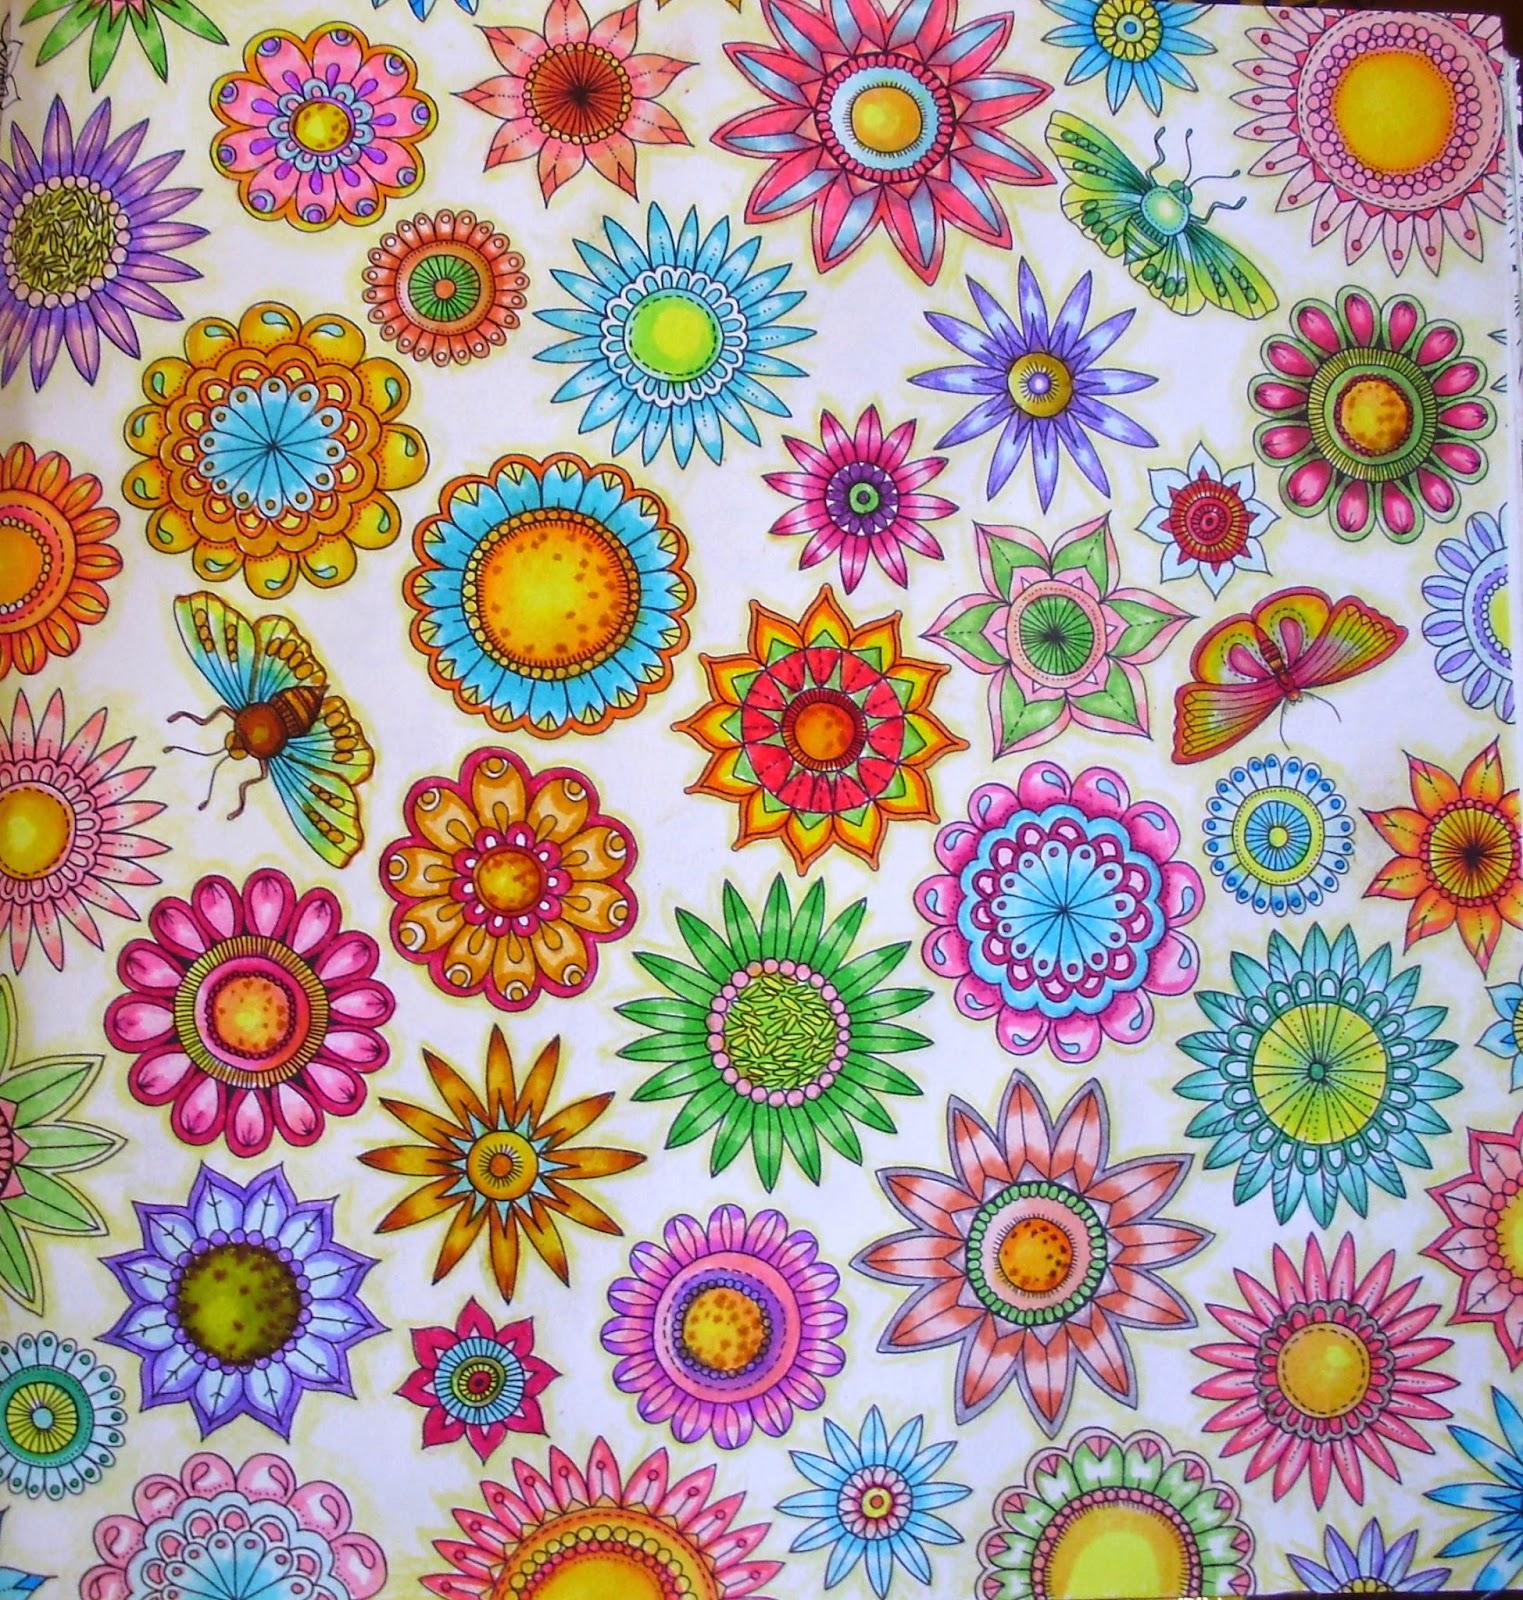 flores jardim secreto:BLOG DA BETH: Nova Dica de pintura no Livro Jardim Secreto